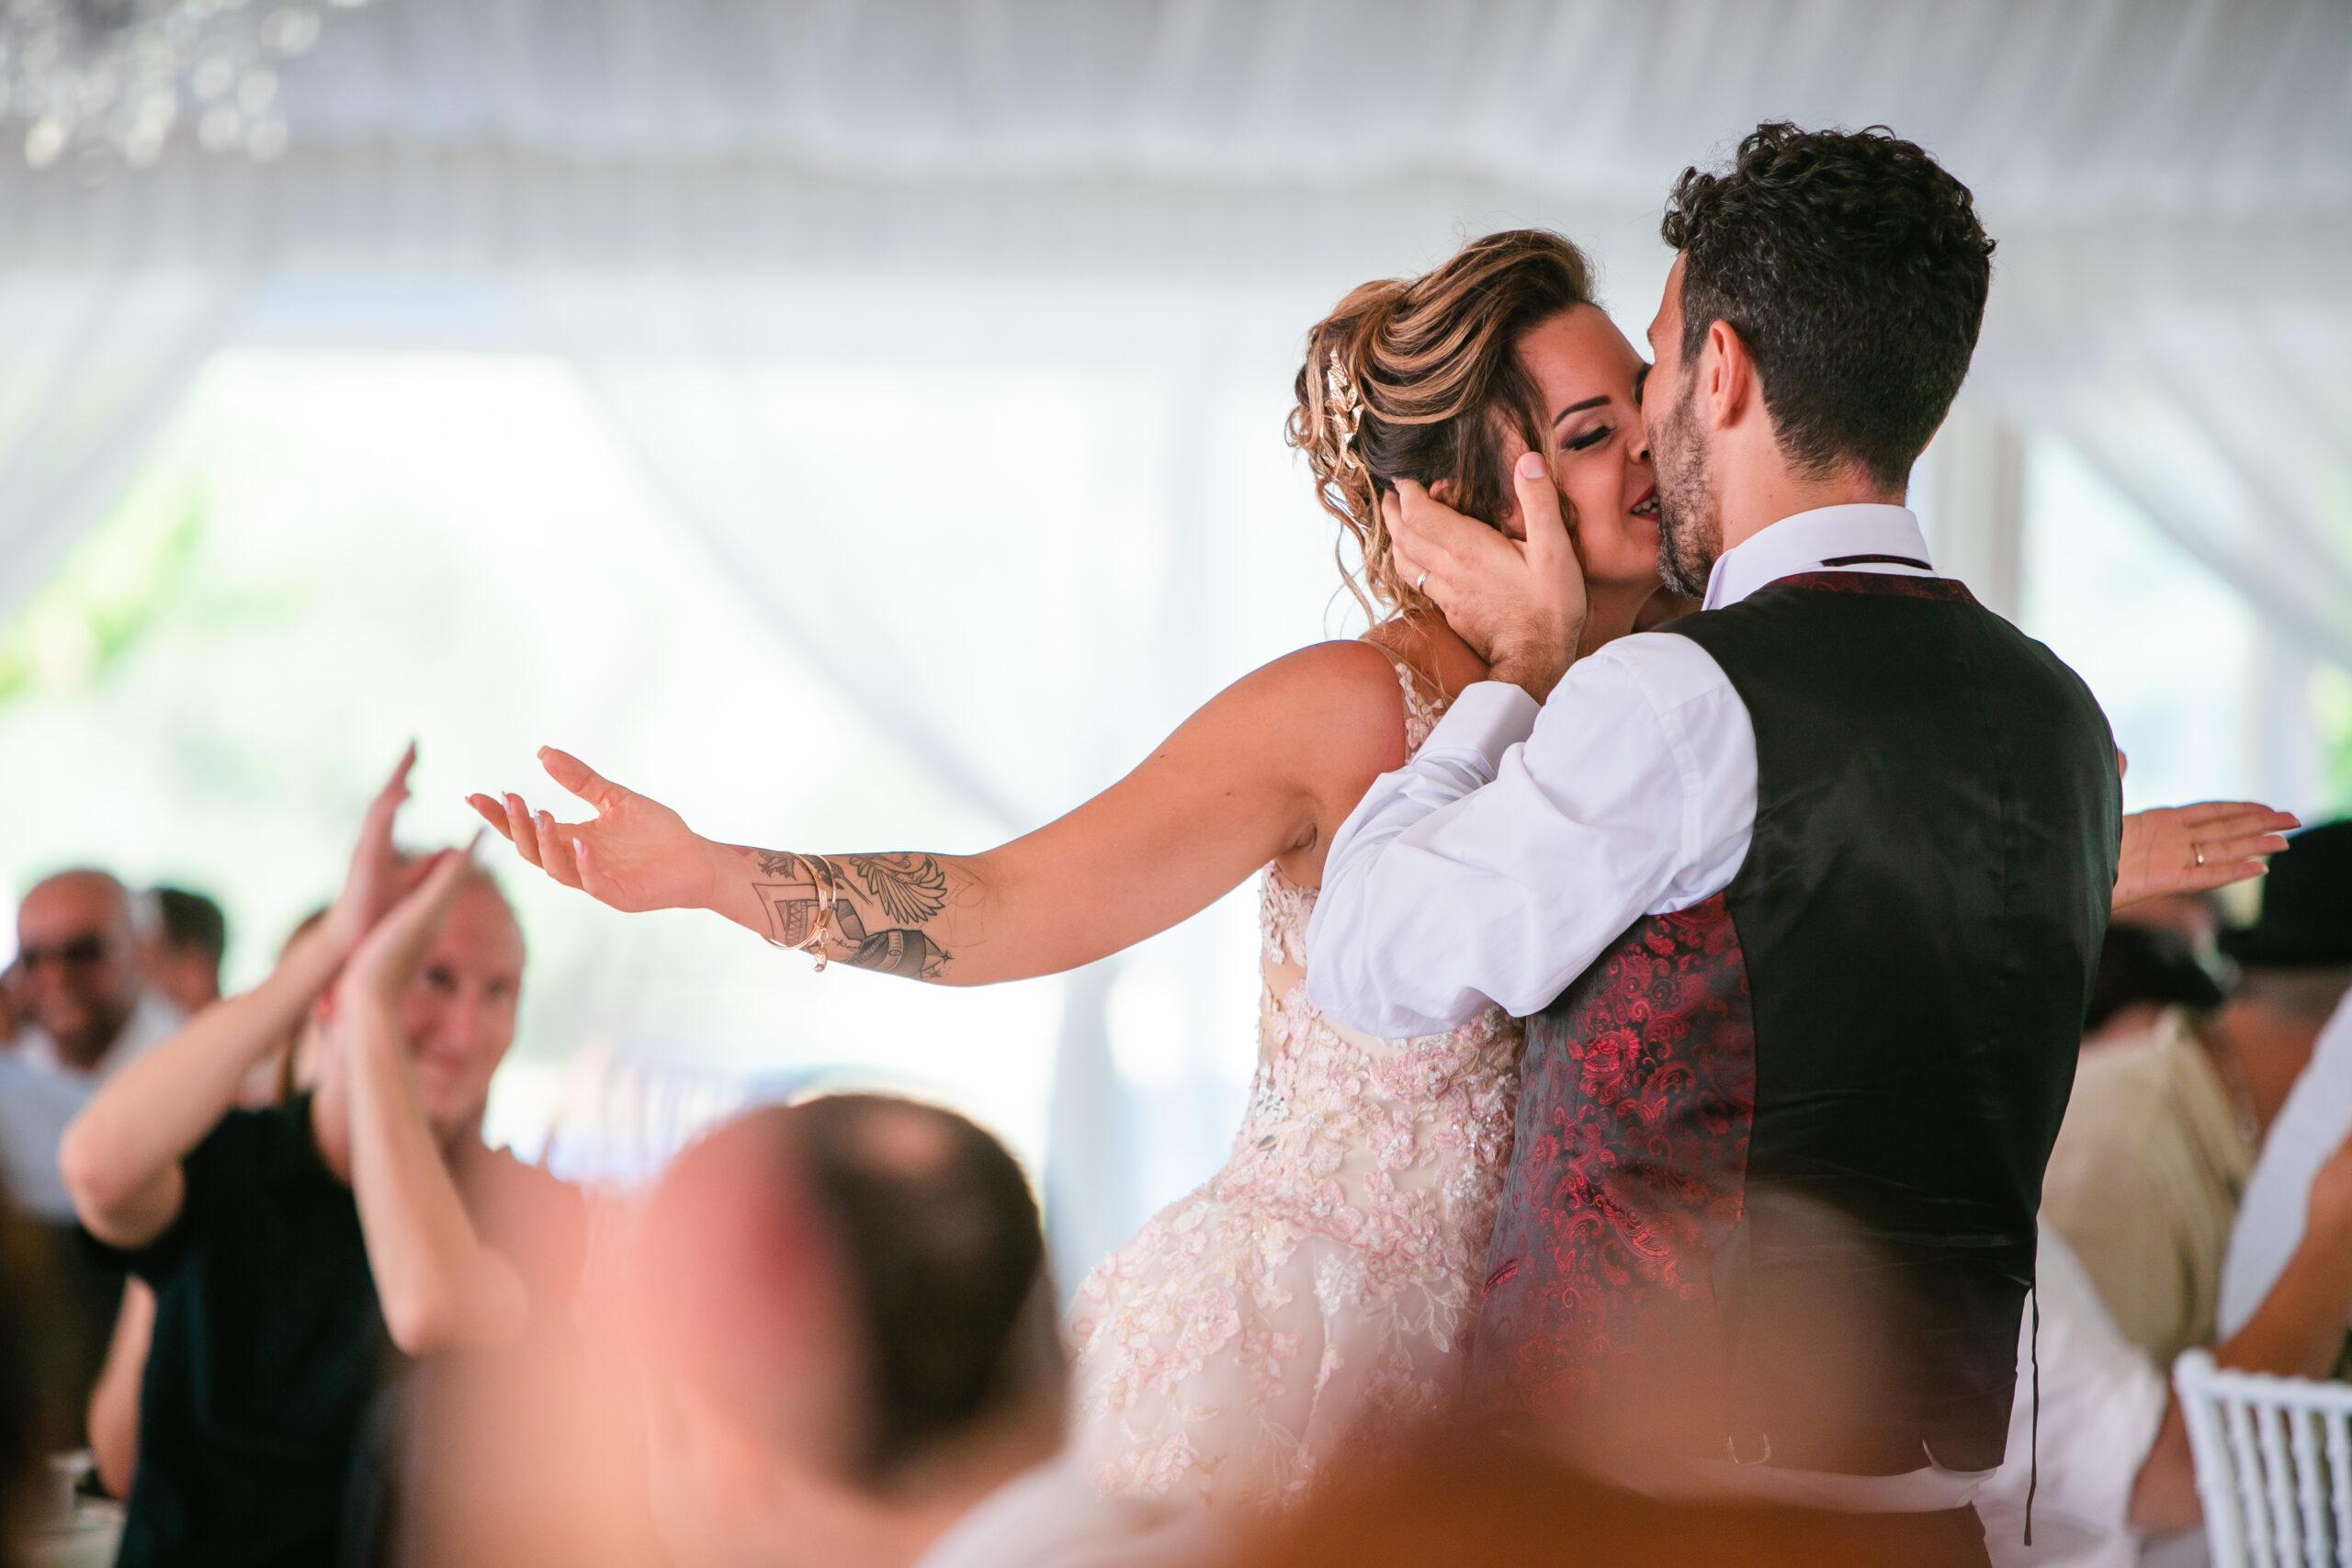 bacio degli sposi durante il ballo